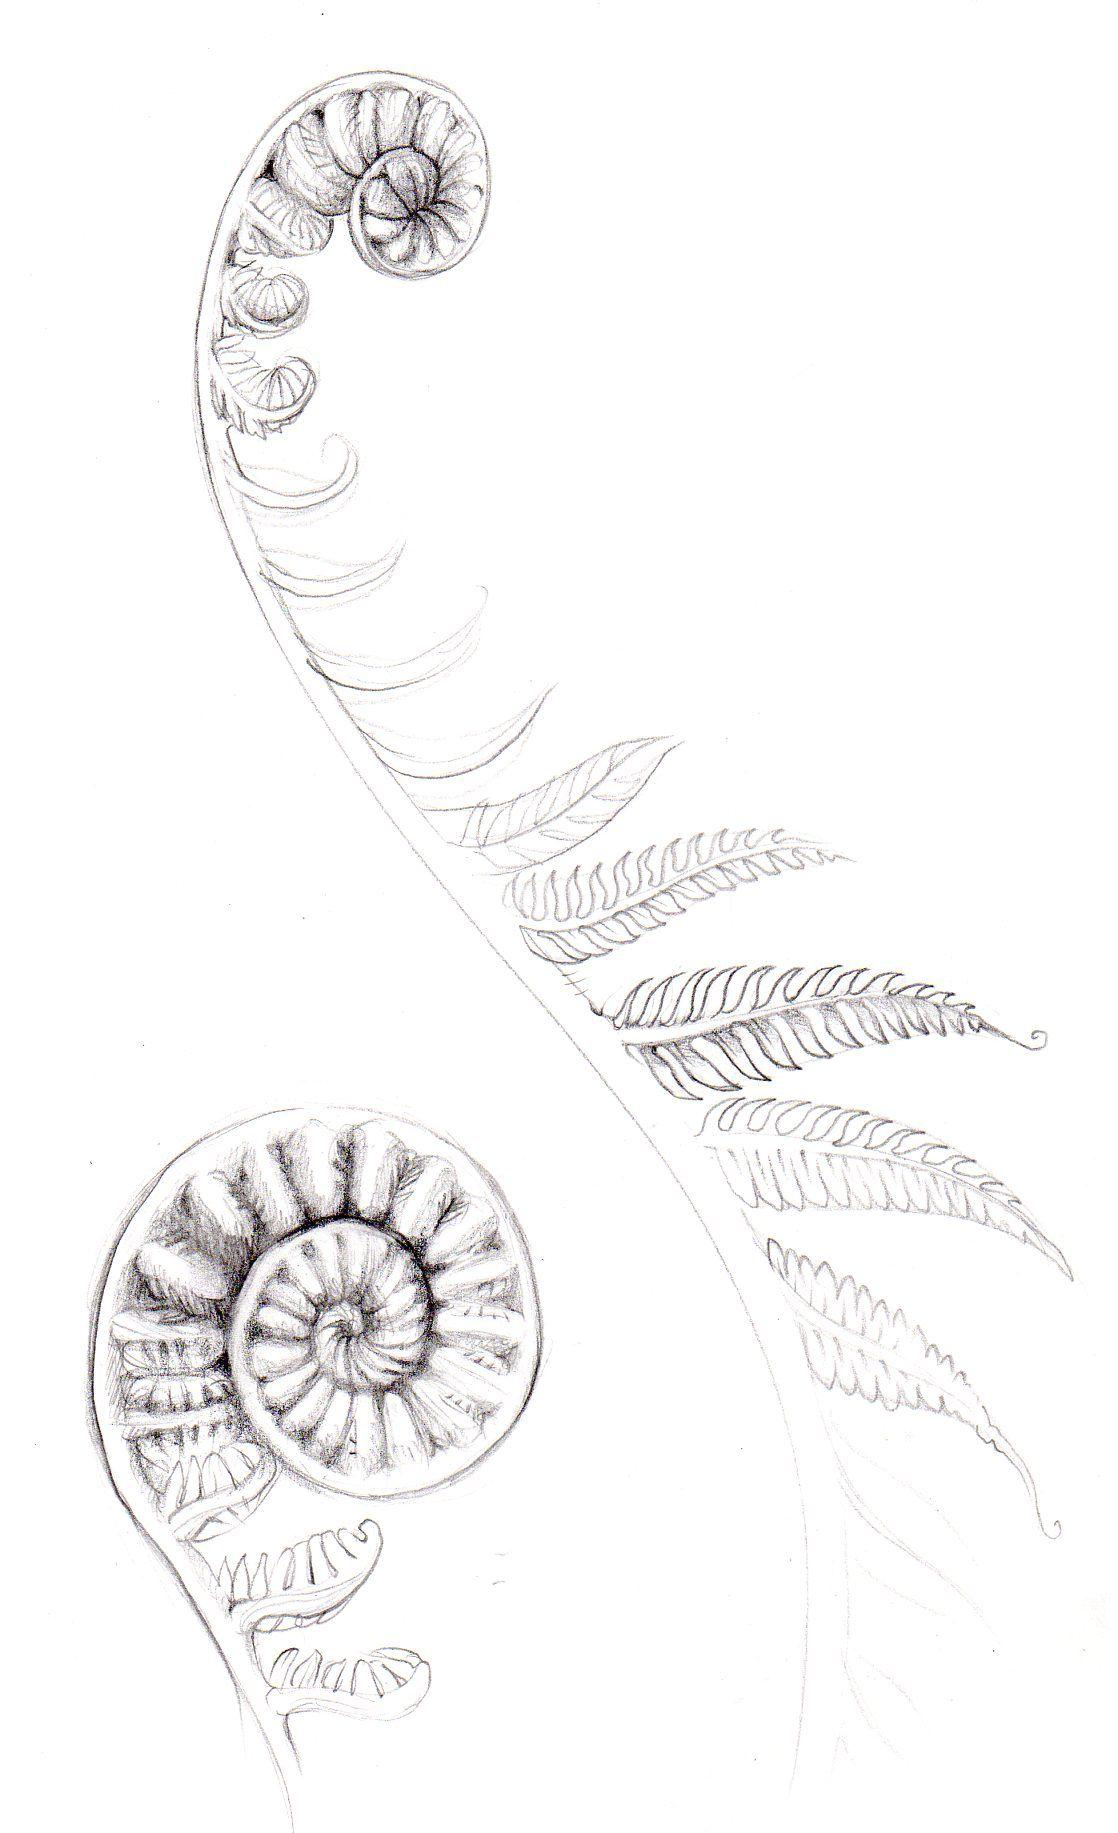 fern tattoos - Google Search | Fern tattoo, Geometric tattoo, Geometric  tattoo pattern